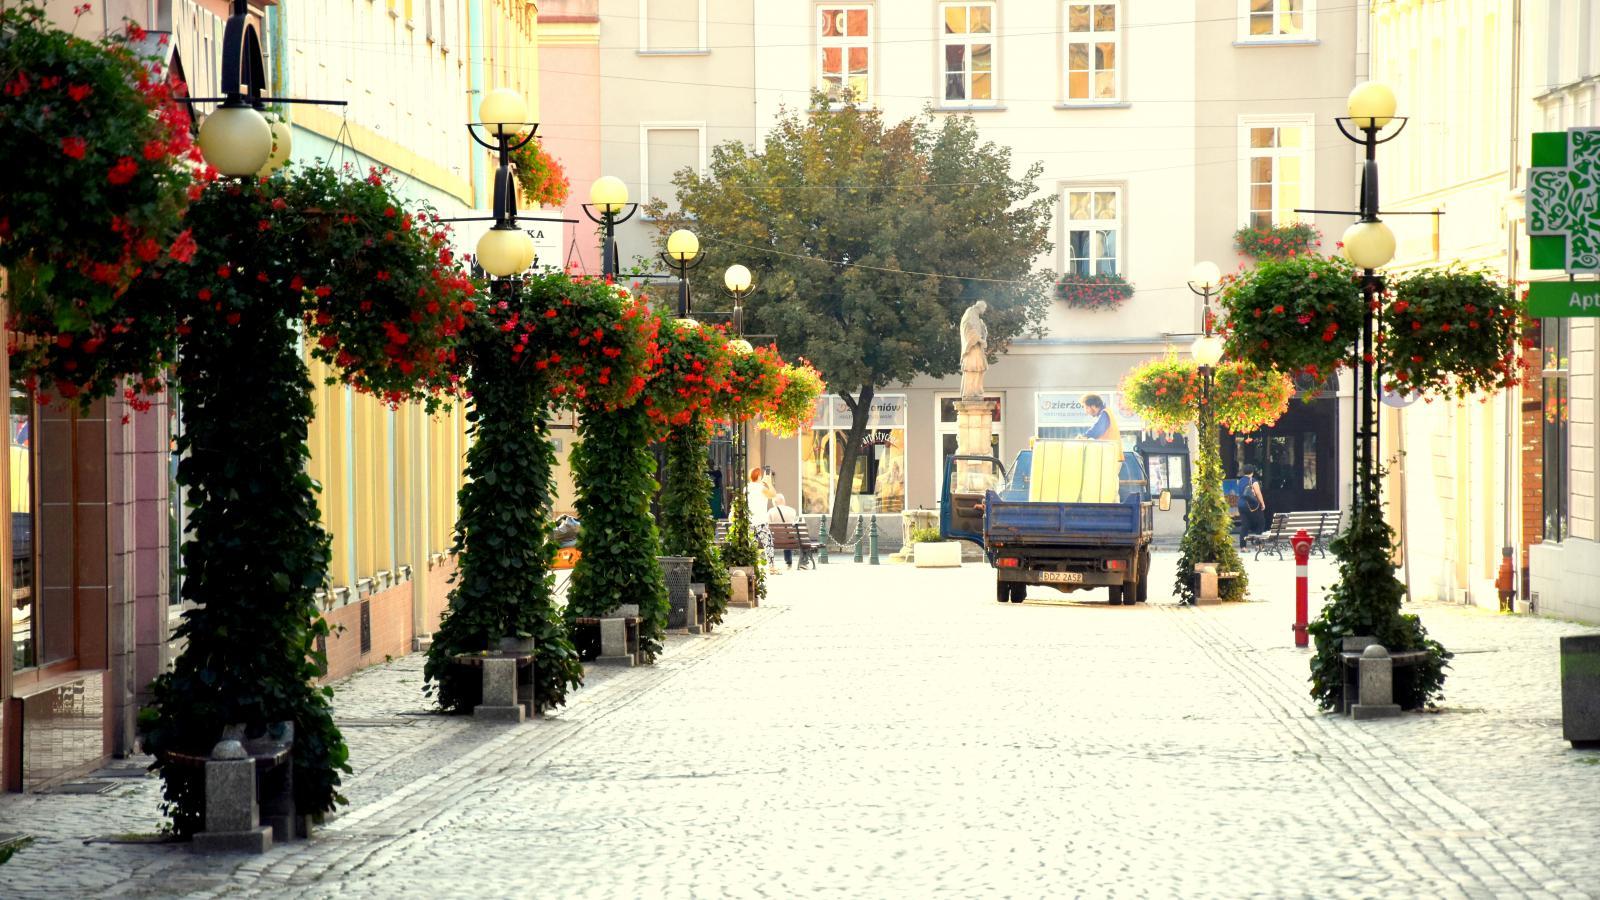 Ulica Świdnicka z pięknie obrośniętymi bluszczem latarniami